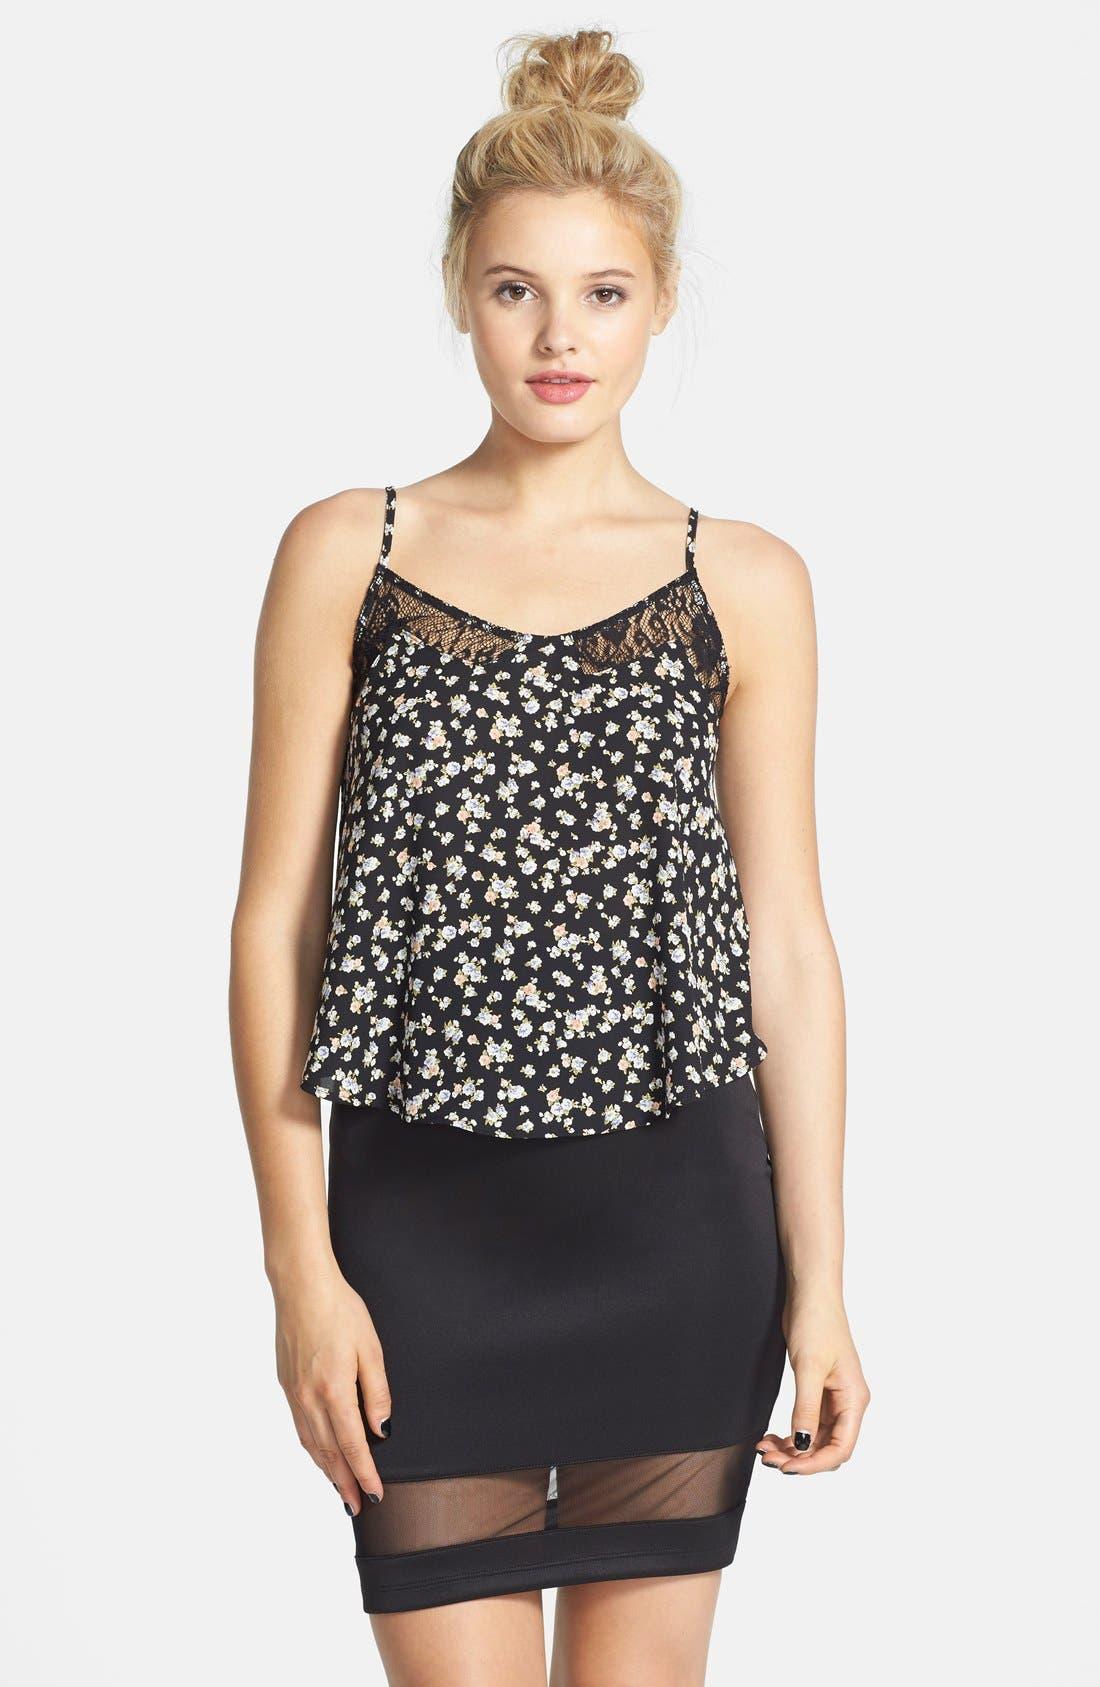 Alternate Image 1 Selected - Lush Mesh Panel Body-Con Skirt (Juniors) (Online Only)